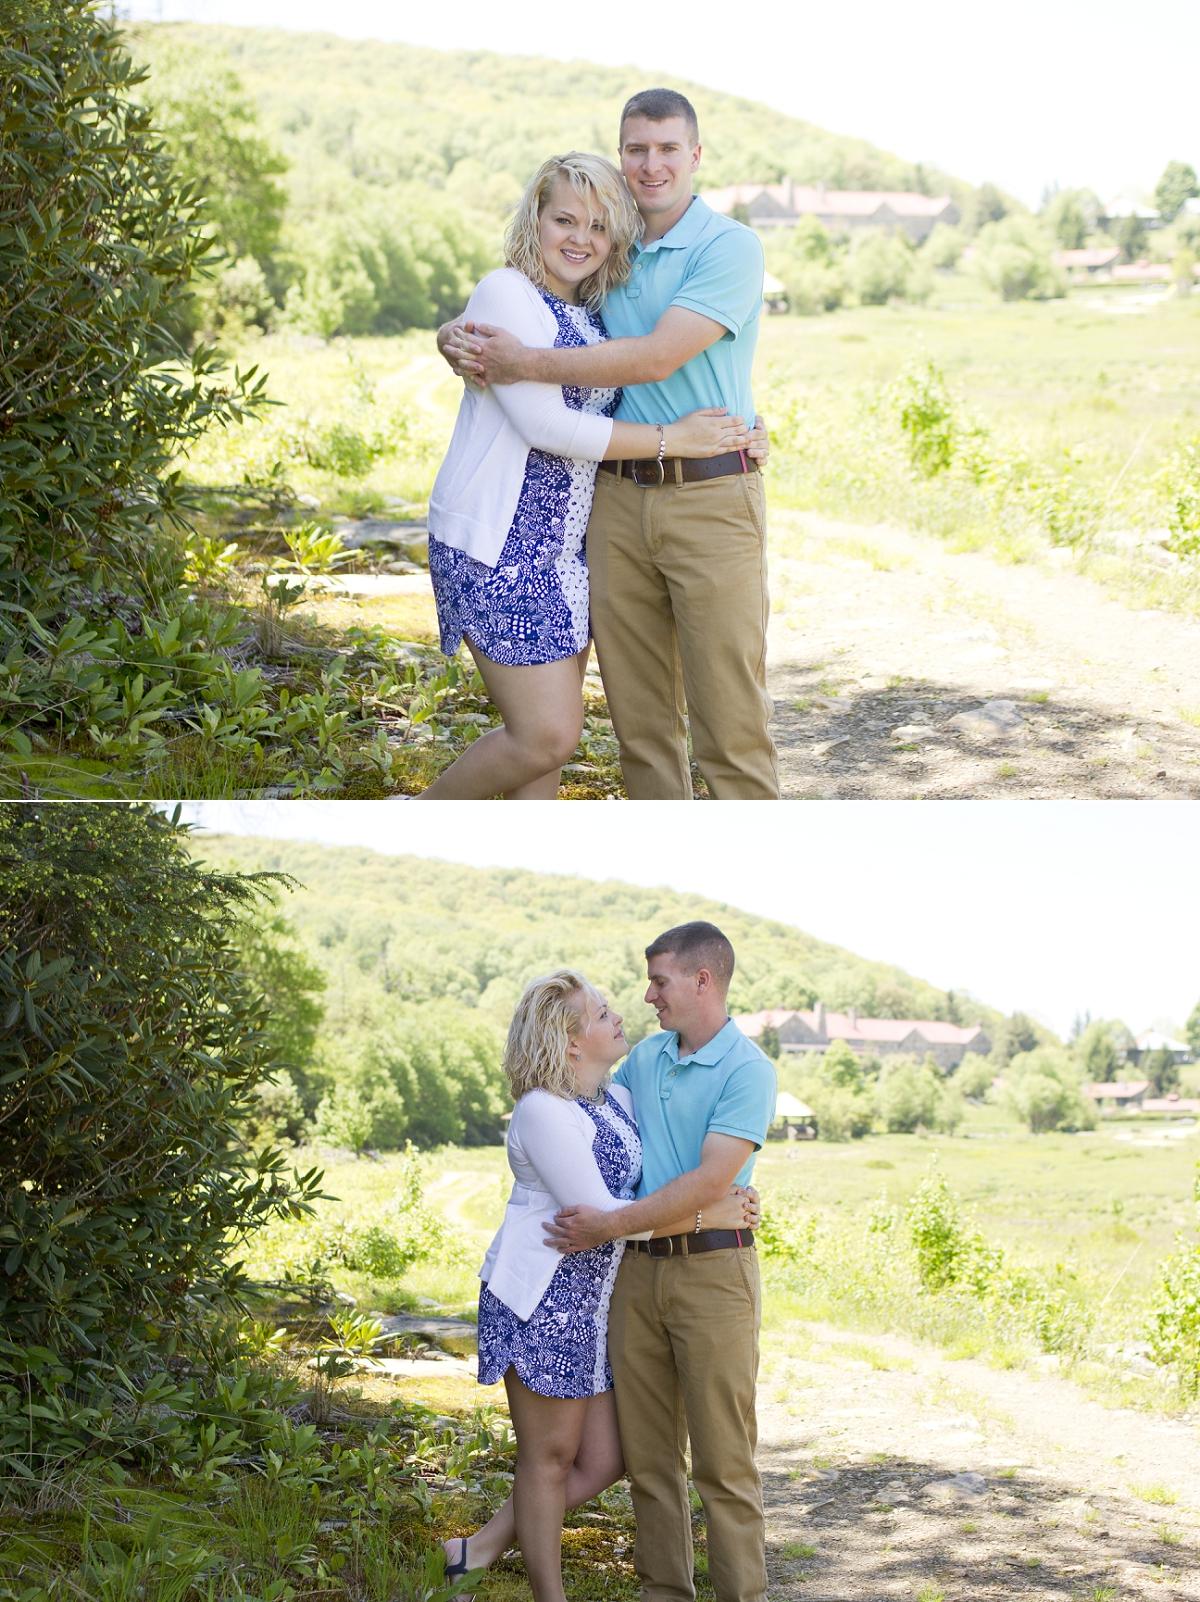 Mountain-Lake-Engagement-Photos-_0005.jpg